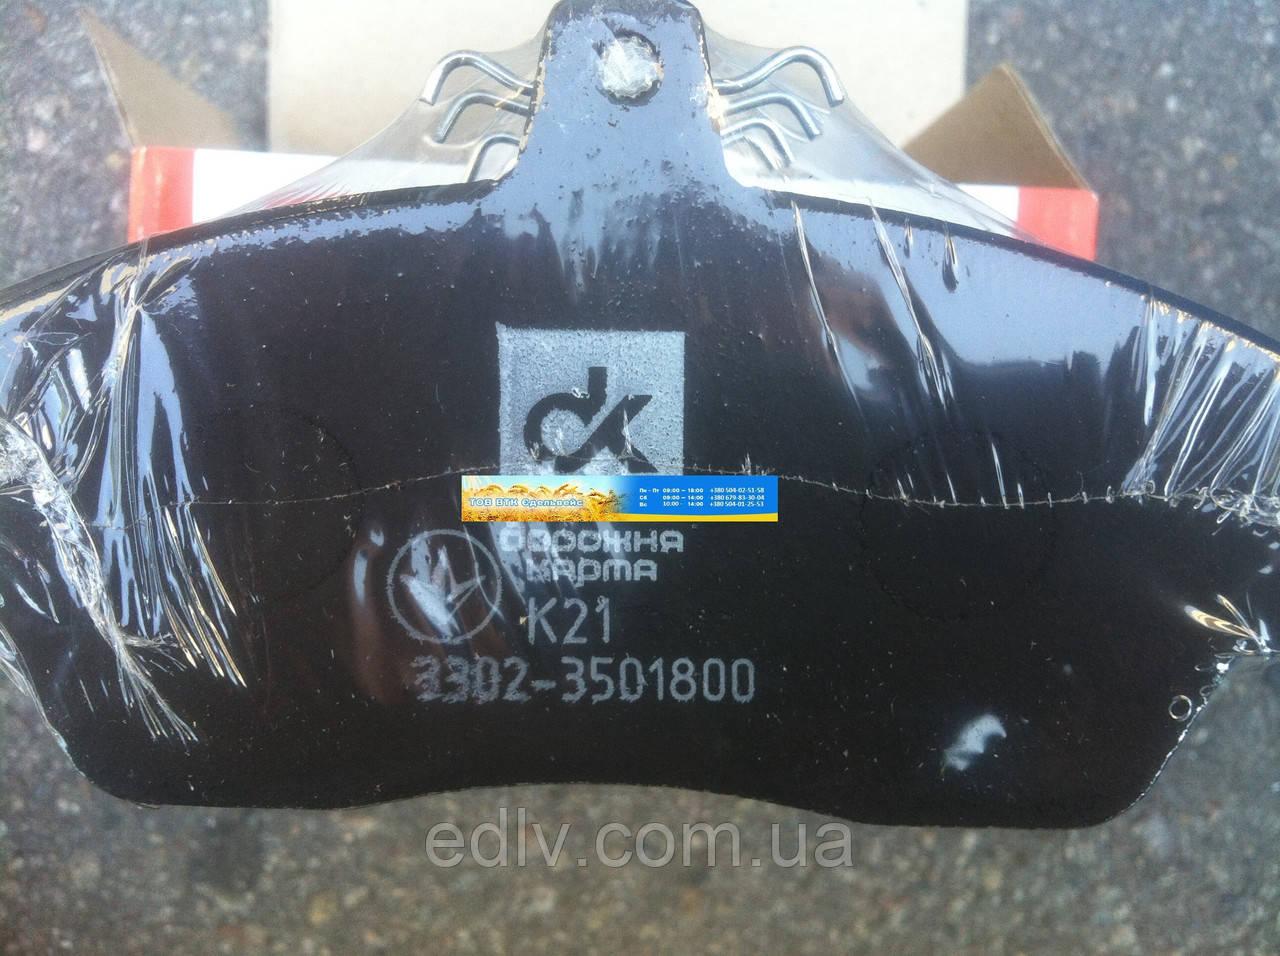 Колодка тормозная ГАЗ 3302 передняя (компл. 4шт.) ДК 3302-3501800